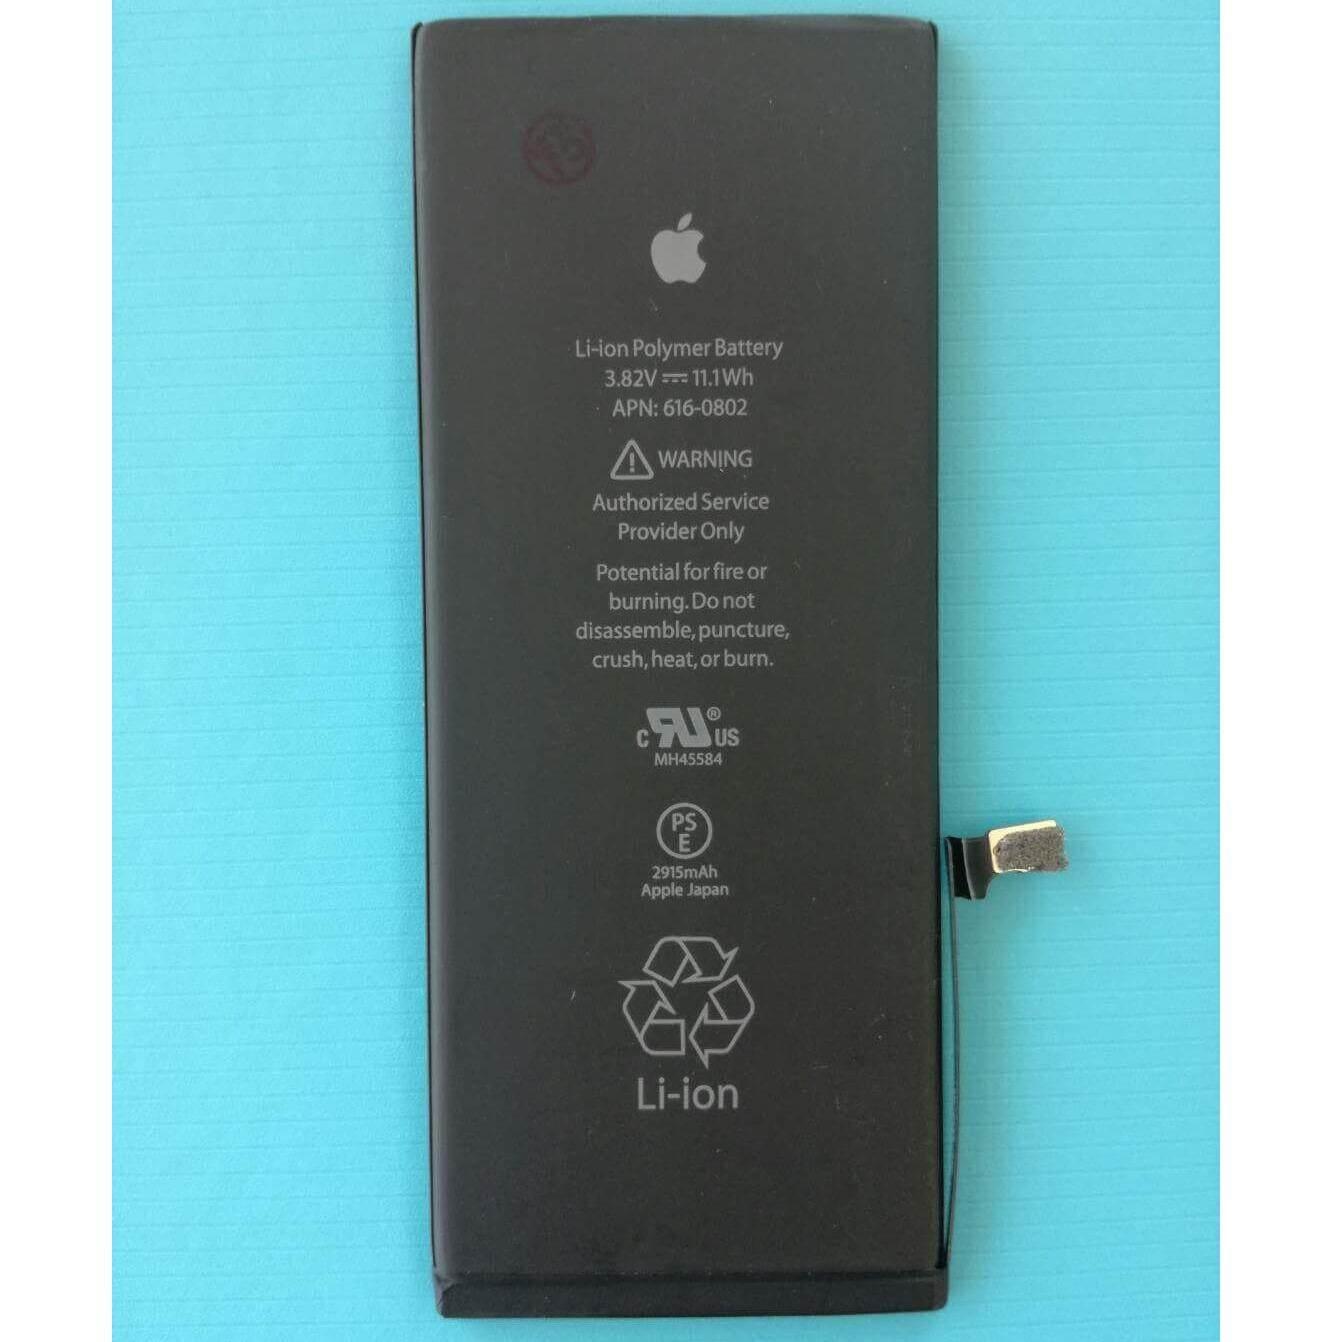 ขาย Iphone แบตเตอรี่มือถือ Iphone 6 Plus ใหม่